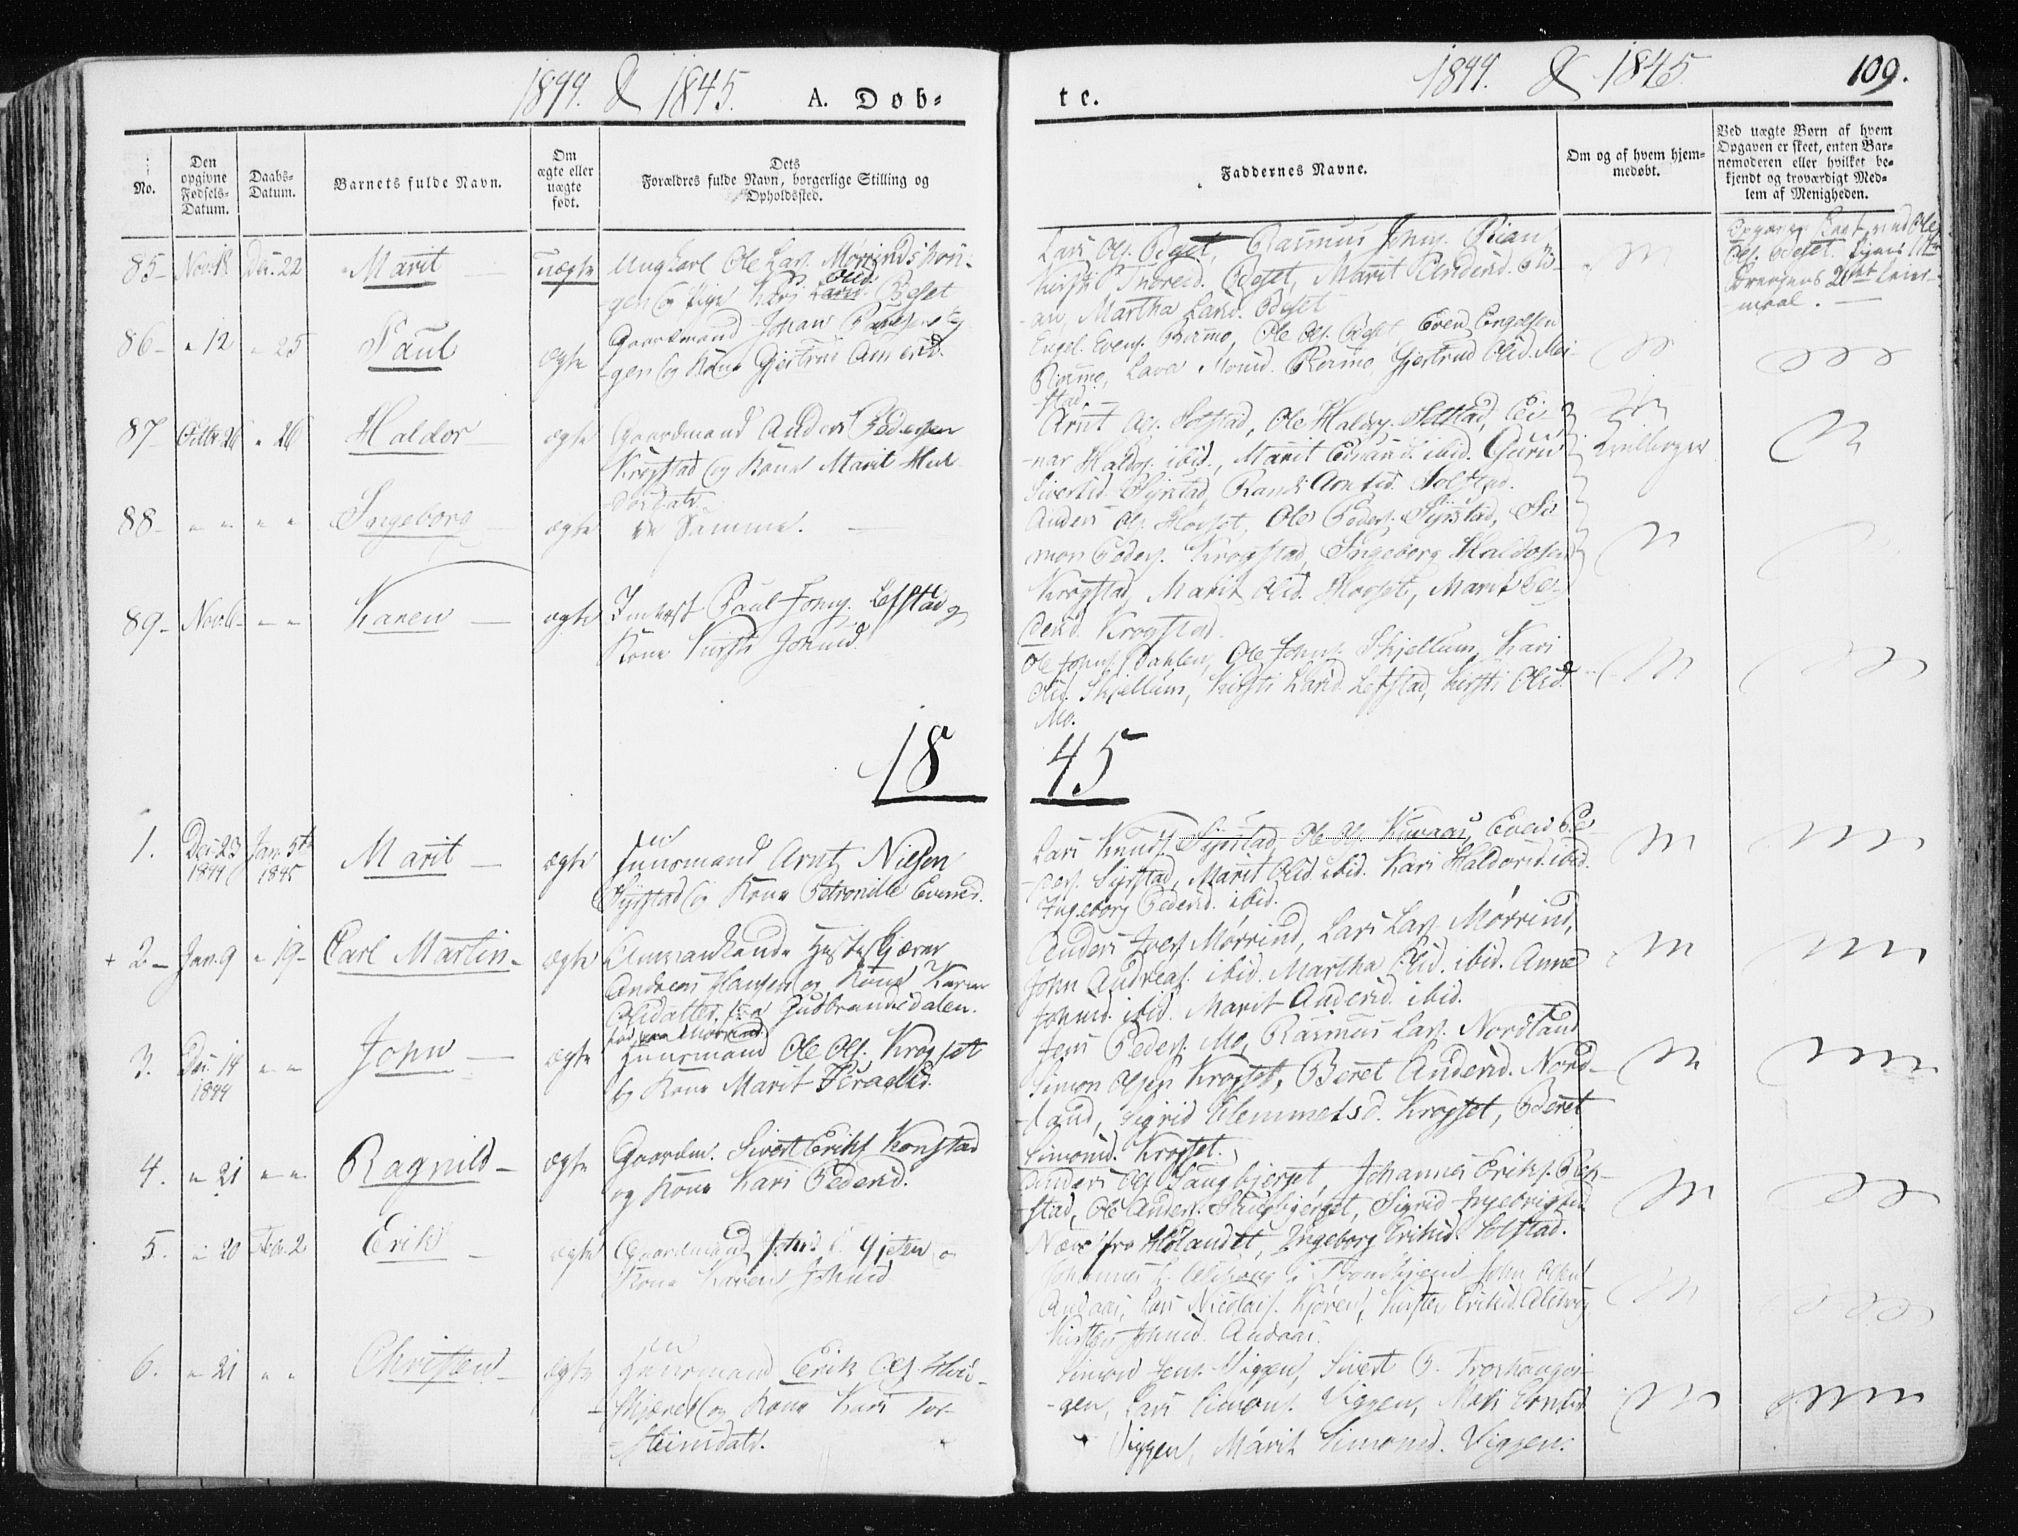 SAT, Ministerialprotokoller, klokkerbøker og fødselsregistre - Sør-Trøndelag, 665/L0771: Ministerialbok nr. 665A06, 1830-1856, s. 109